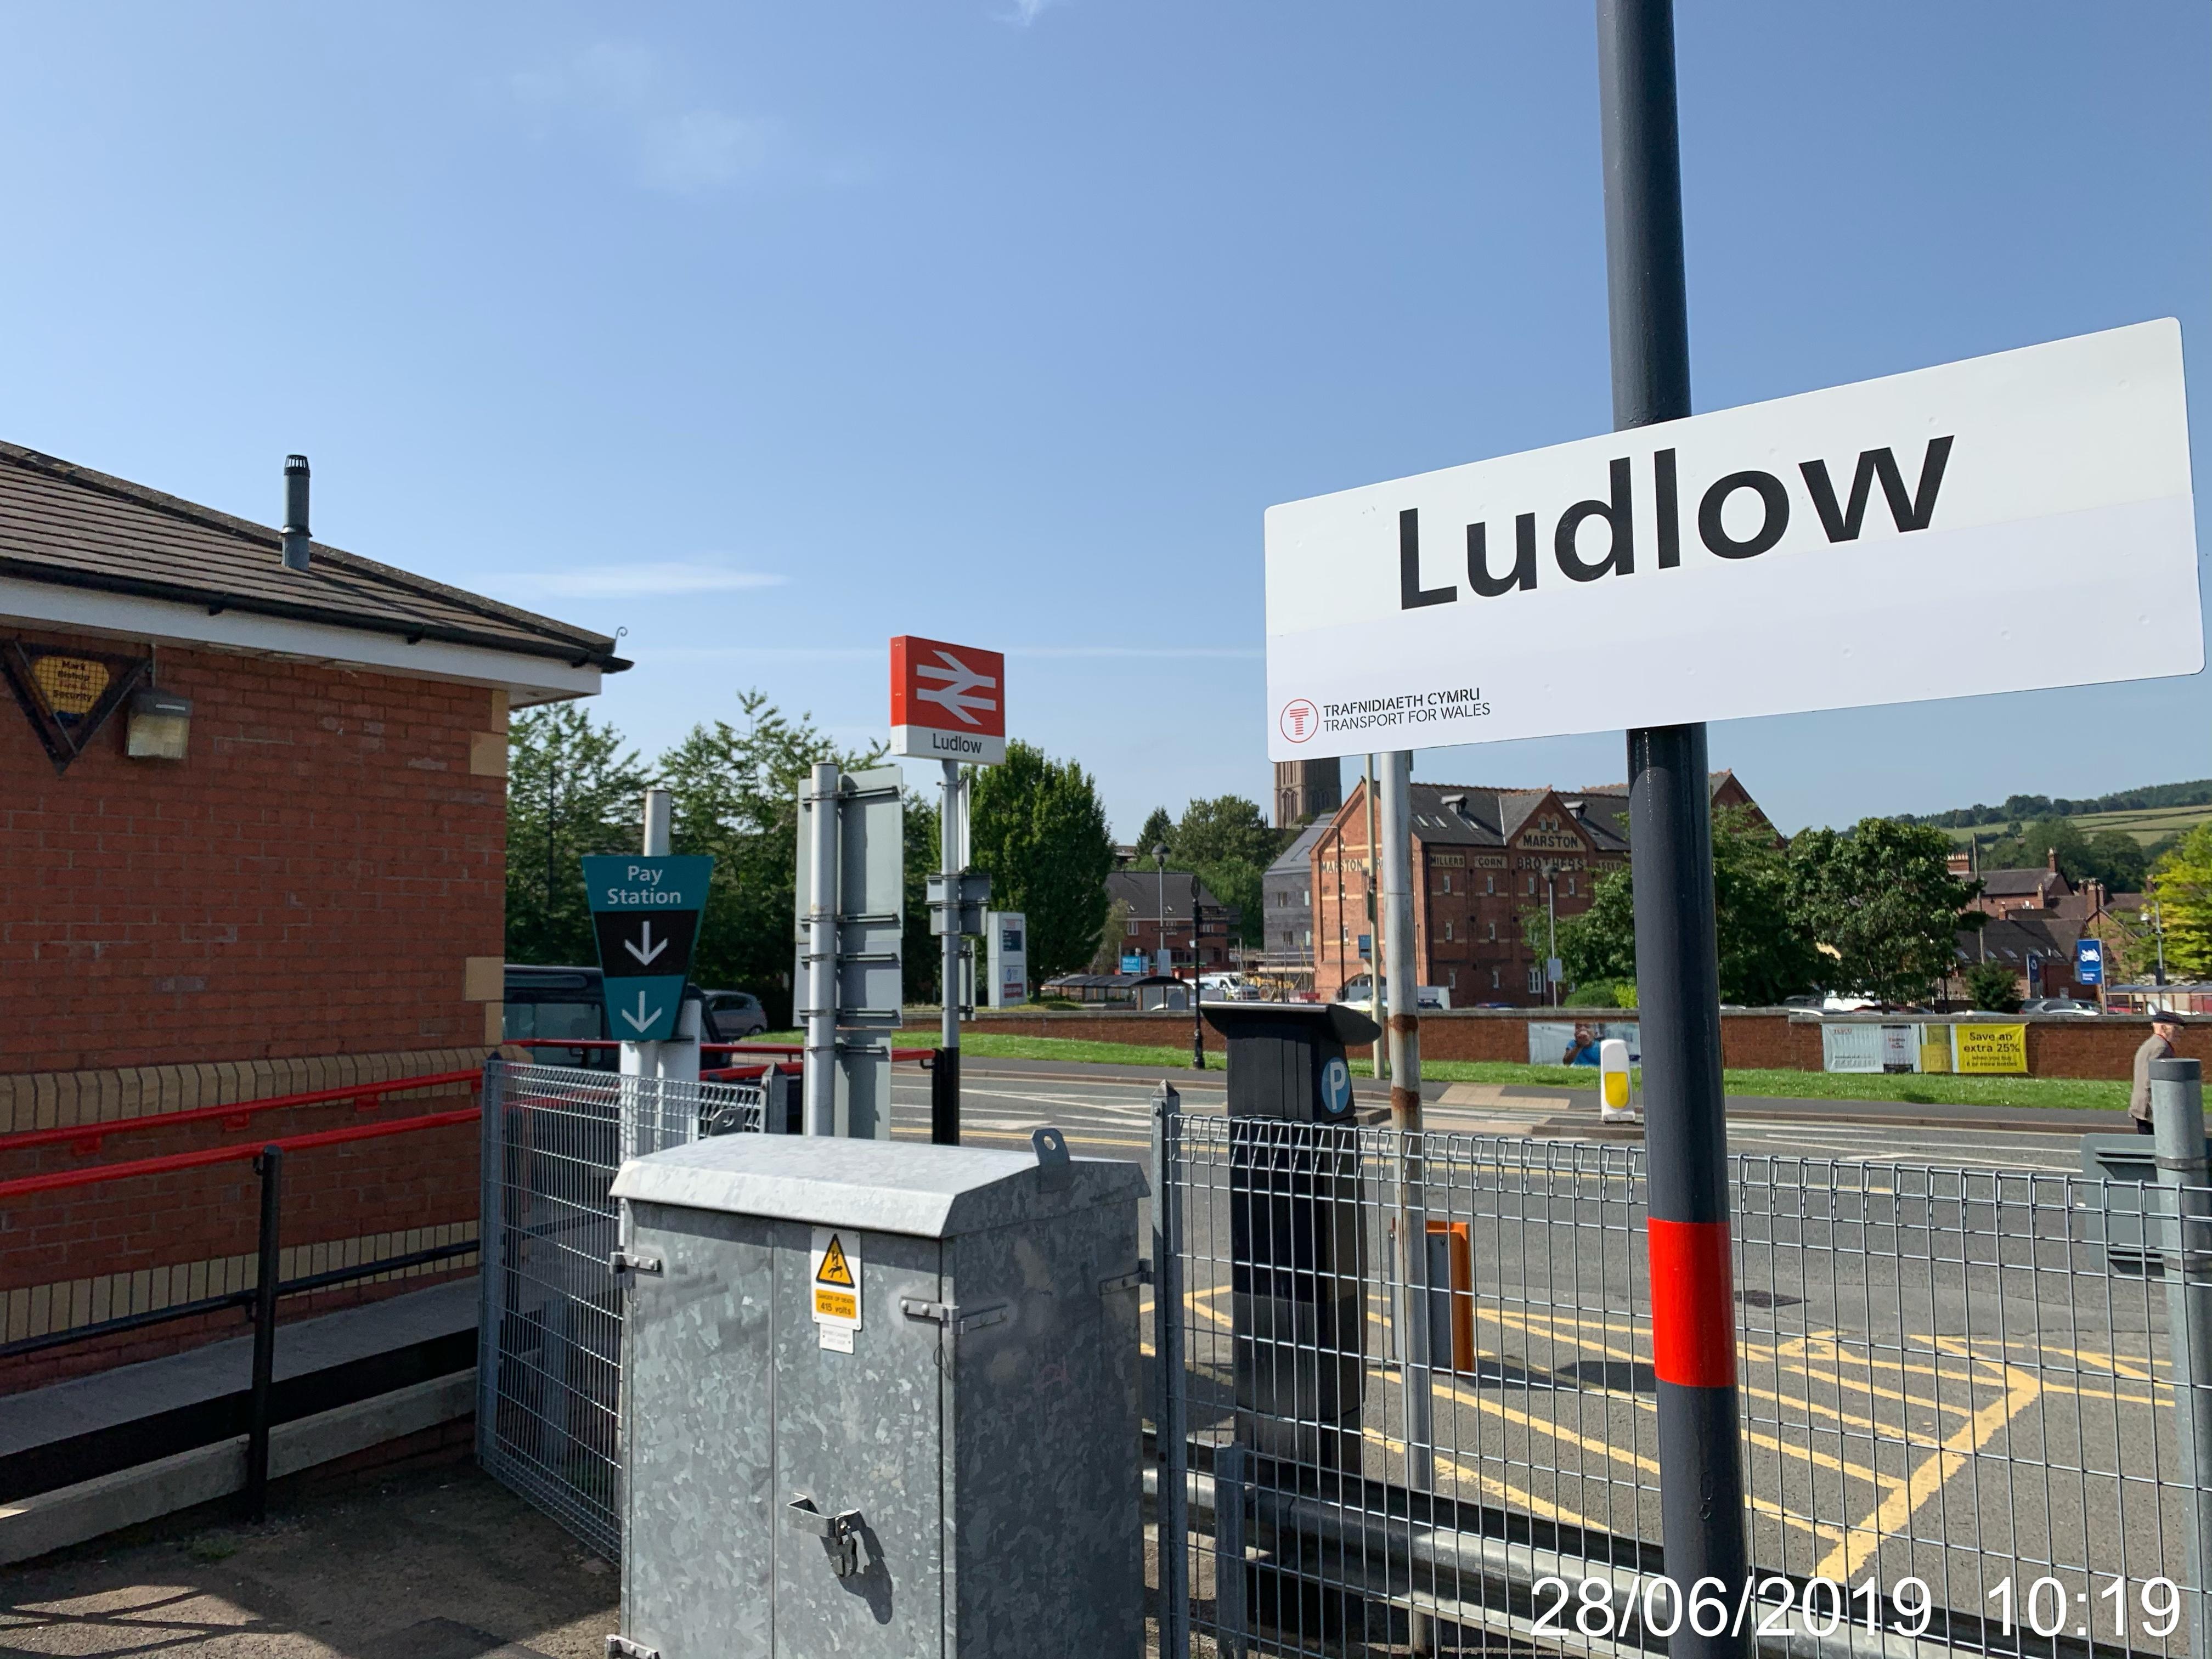 Ludlow Railway Station